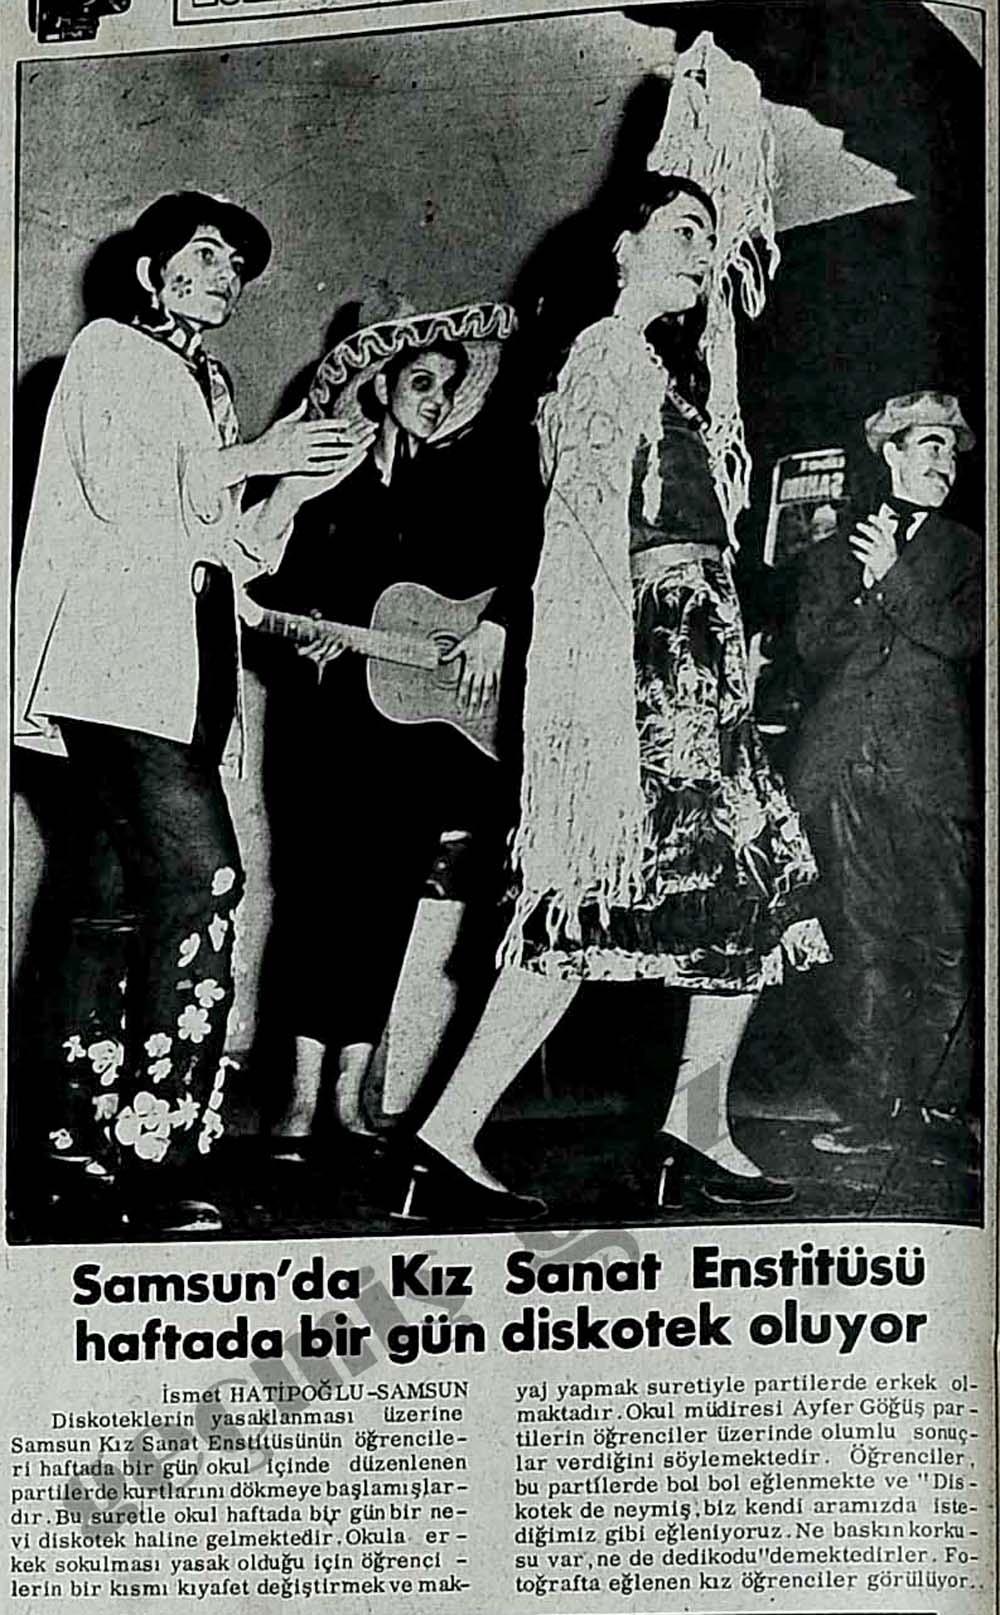 Samsun'da Kız Sanat Enstitüsü haftada bir gün diskotek oluyor